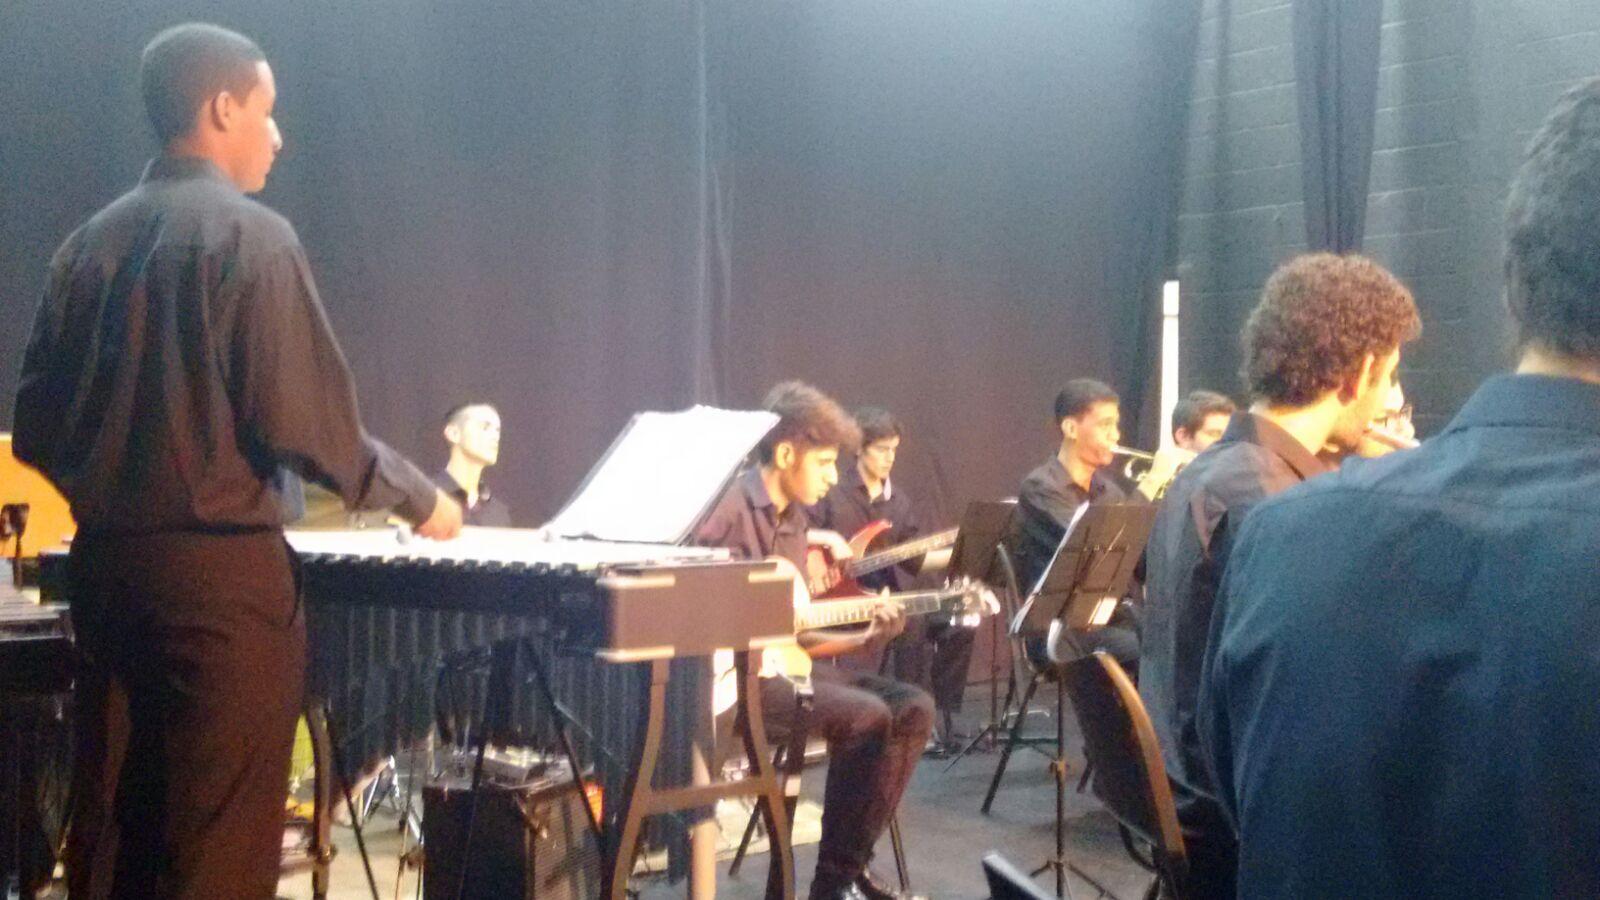 Big Band de São Carlos tocando em homenagem aos 25 anos da Oficina Cultural Chico Buarque